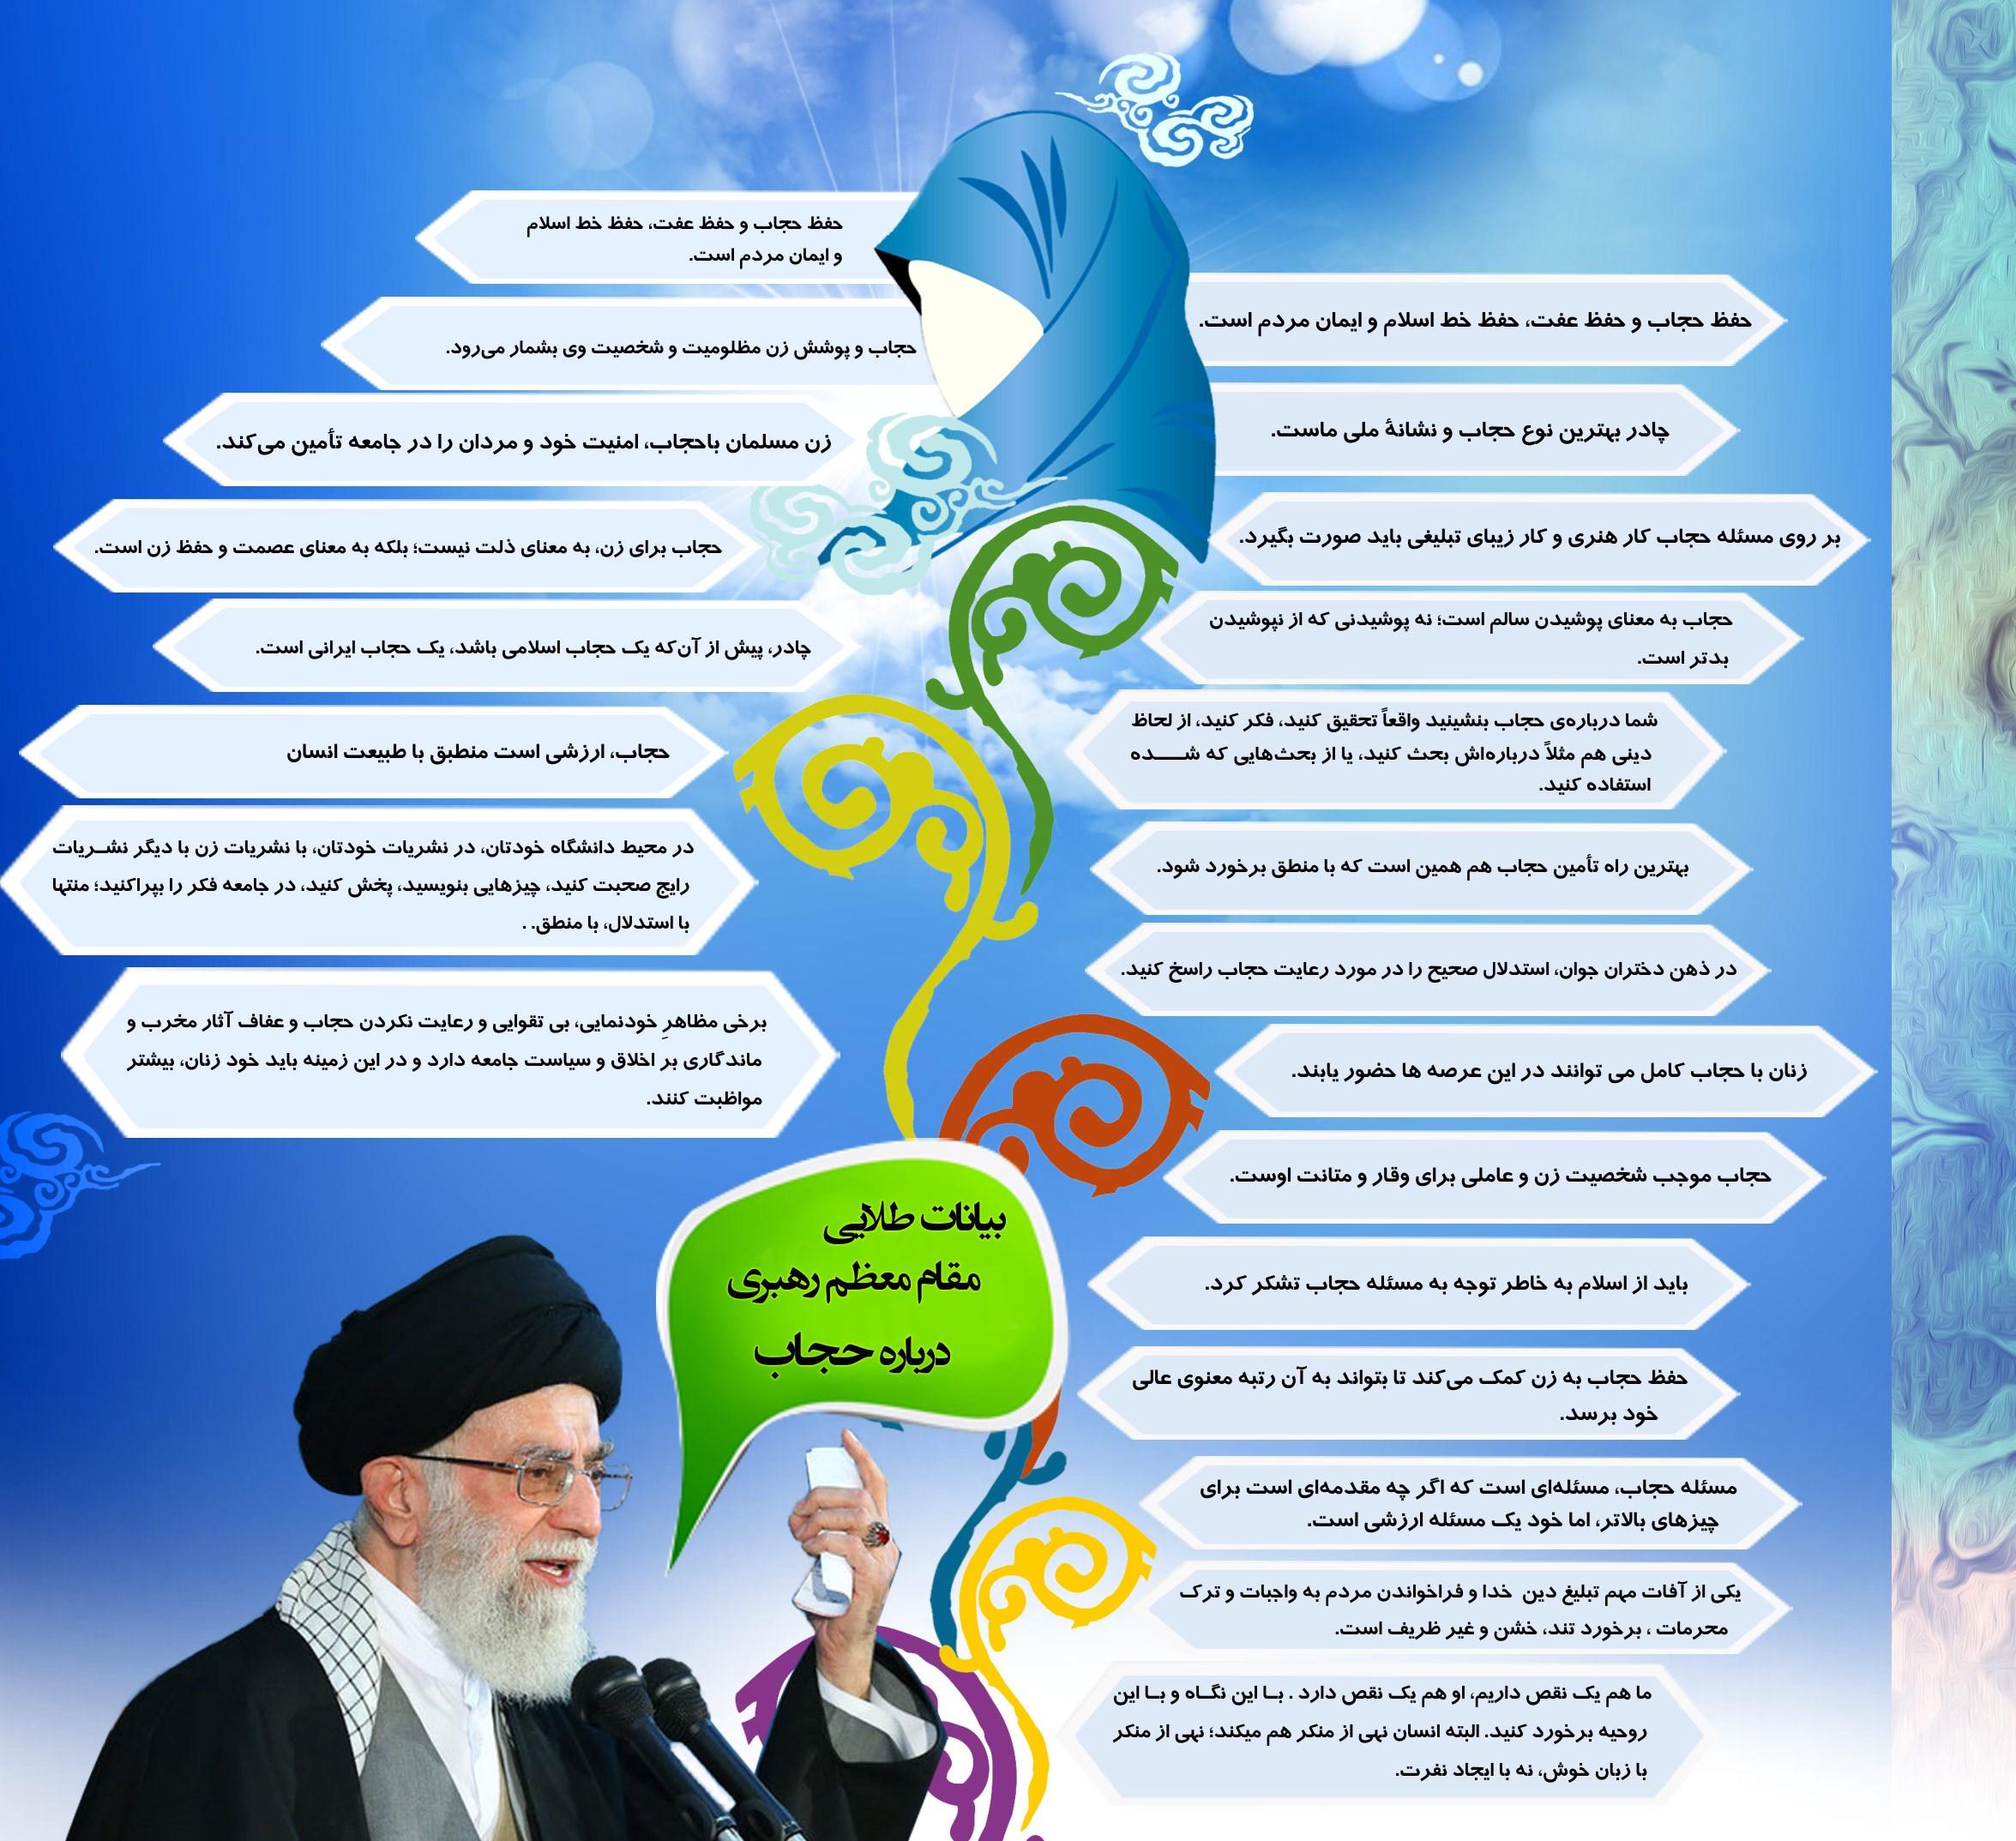 اینوگرافی سخنان رهبری درباره حجاب